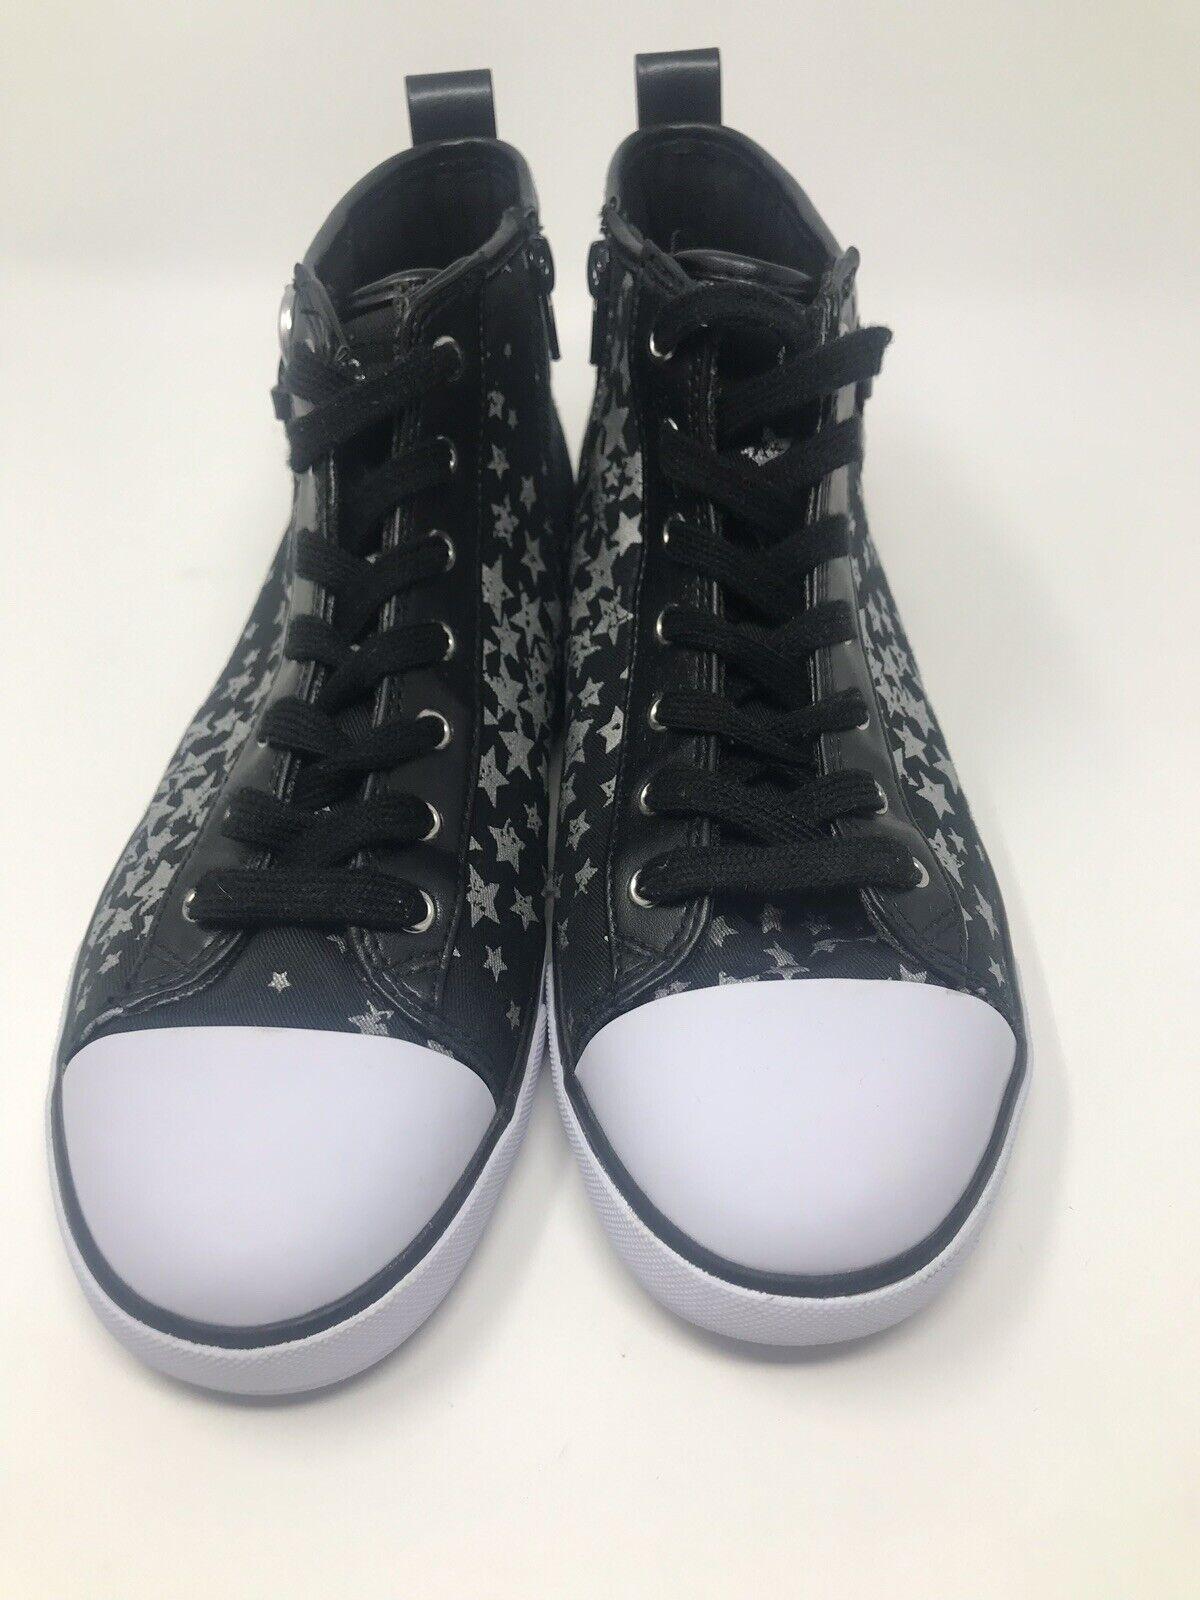 New G By Guess Maree Haute Côté Supérieur Fermeture Éclair Lacets Baskets chaussures Plates  noir STAR  6